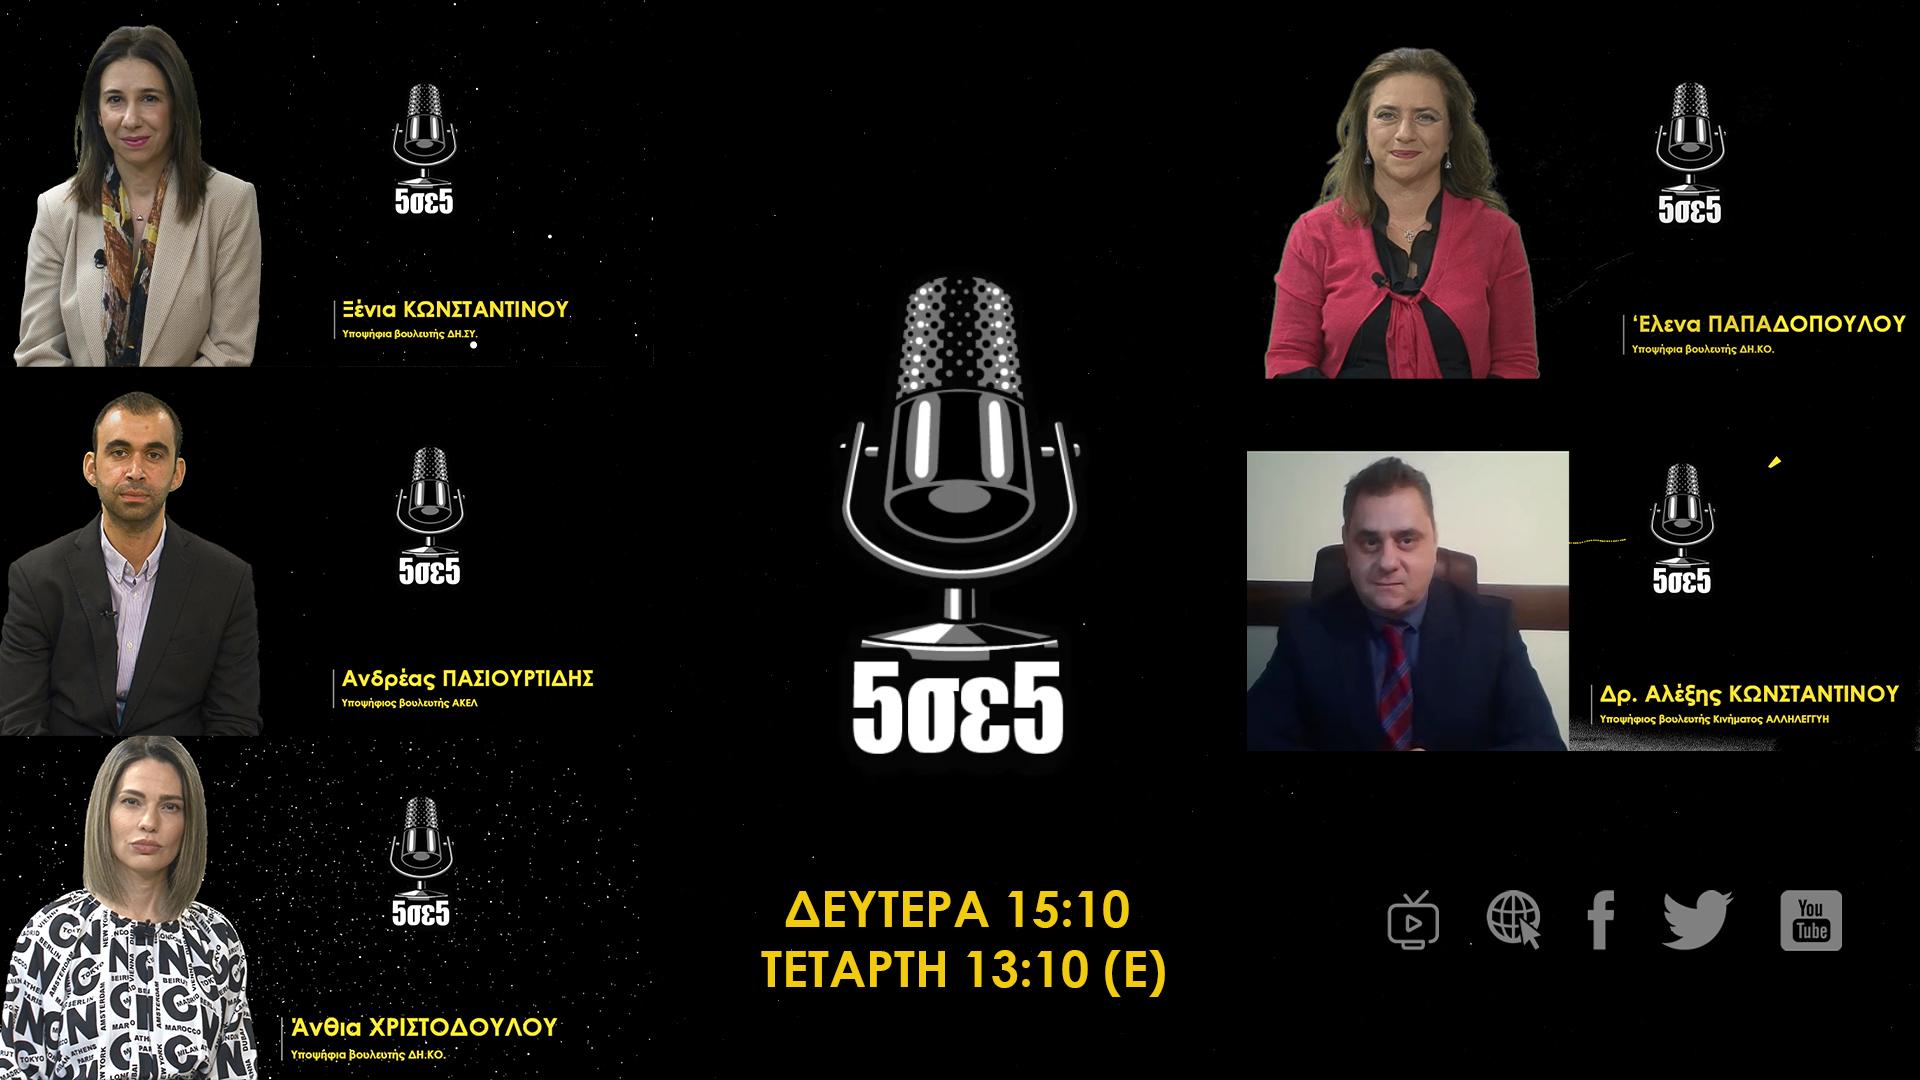 5 σε 5 – Επεισόδιο 4 | 1 Μαρτίου 2021